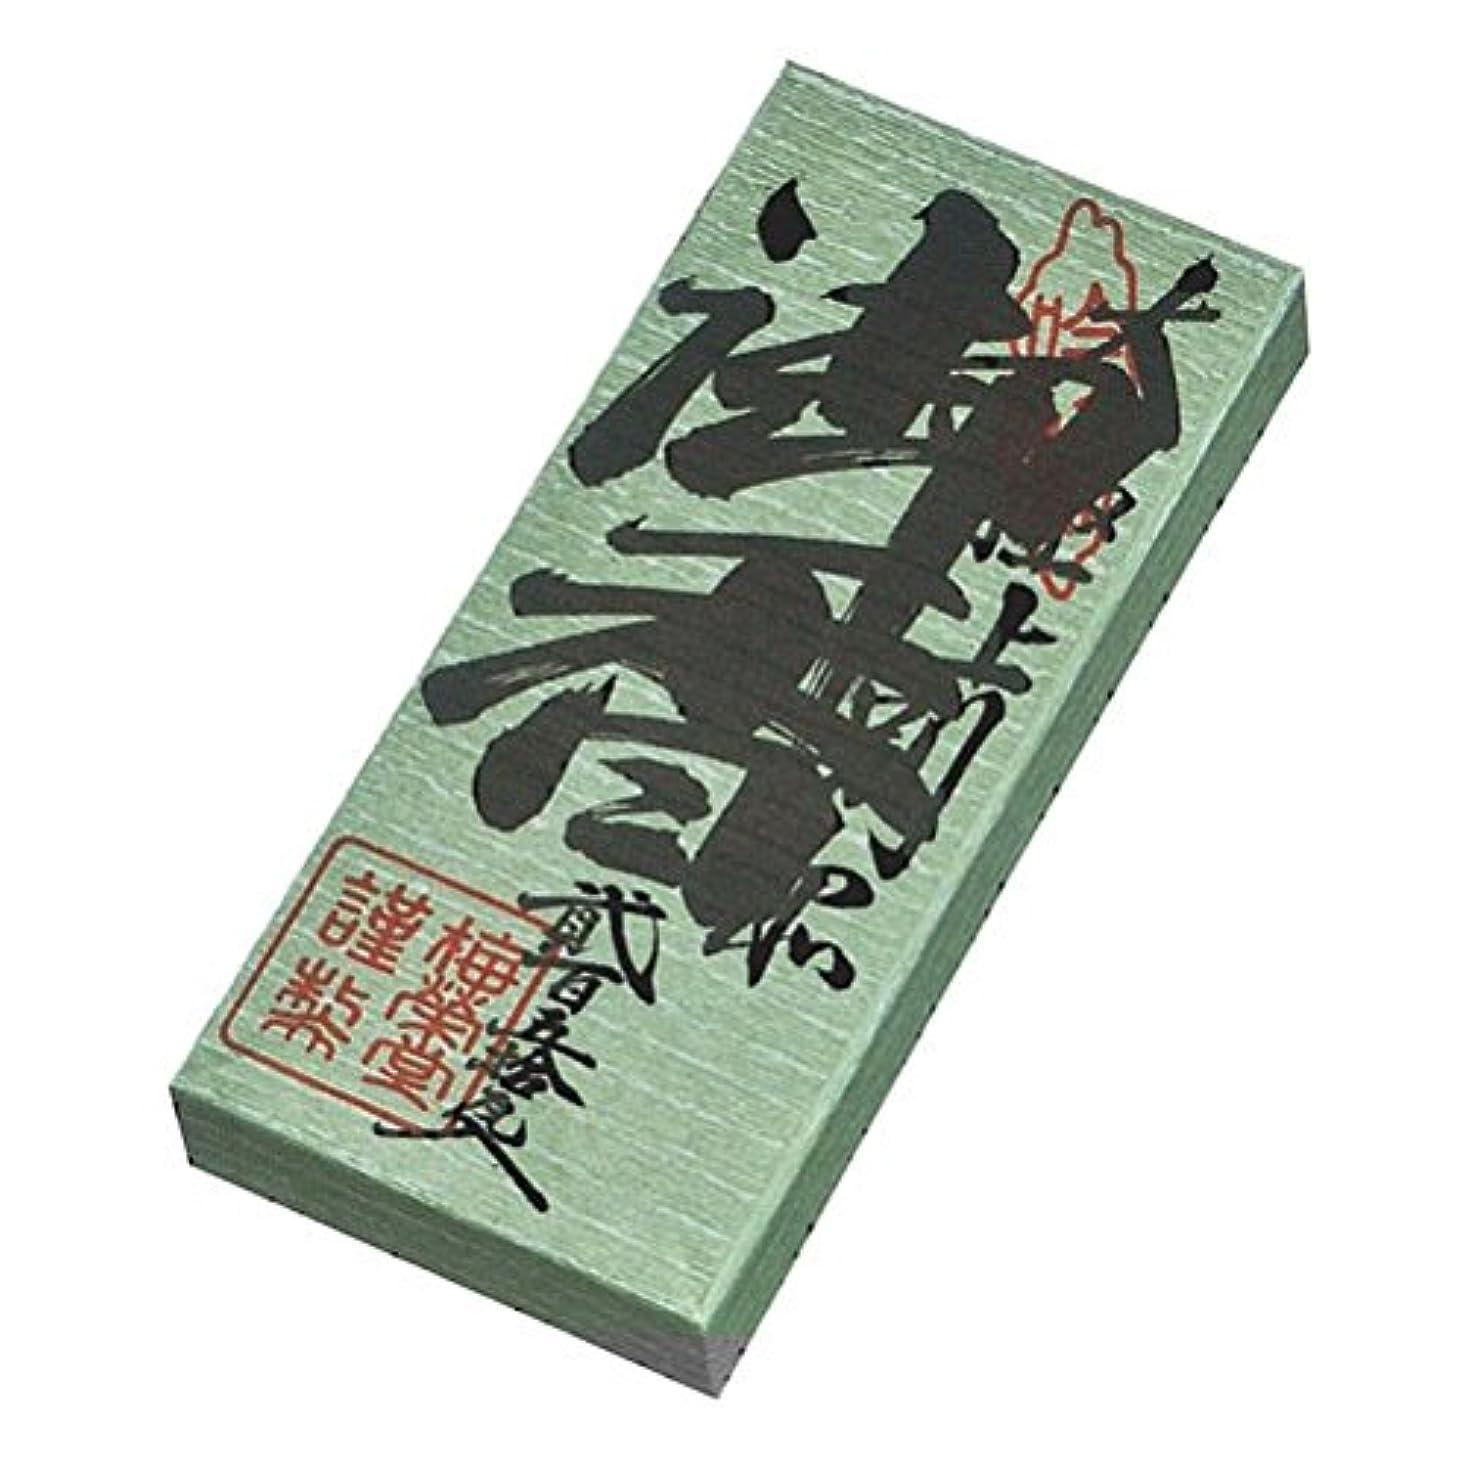 気を散らす嫌い最大限梅栄印 250g 紙箱入り お焼香 梅栄堂